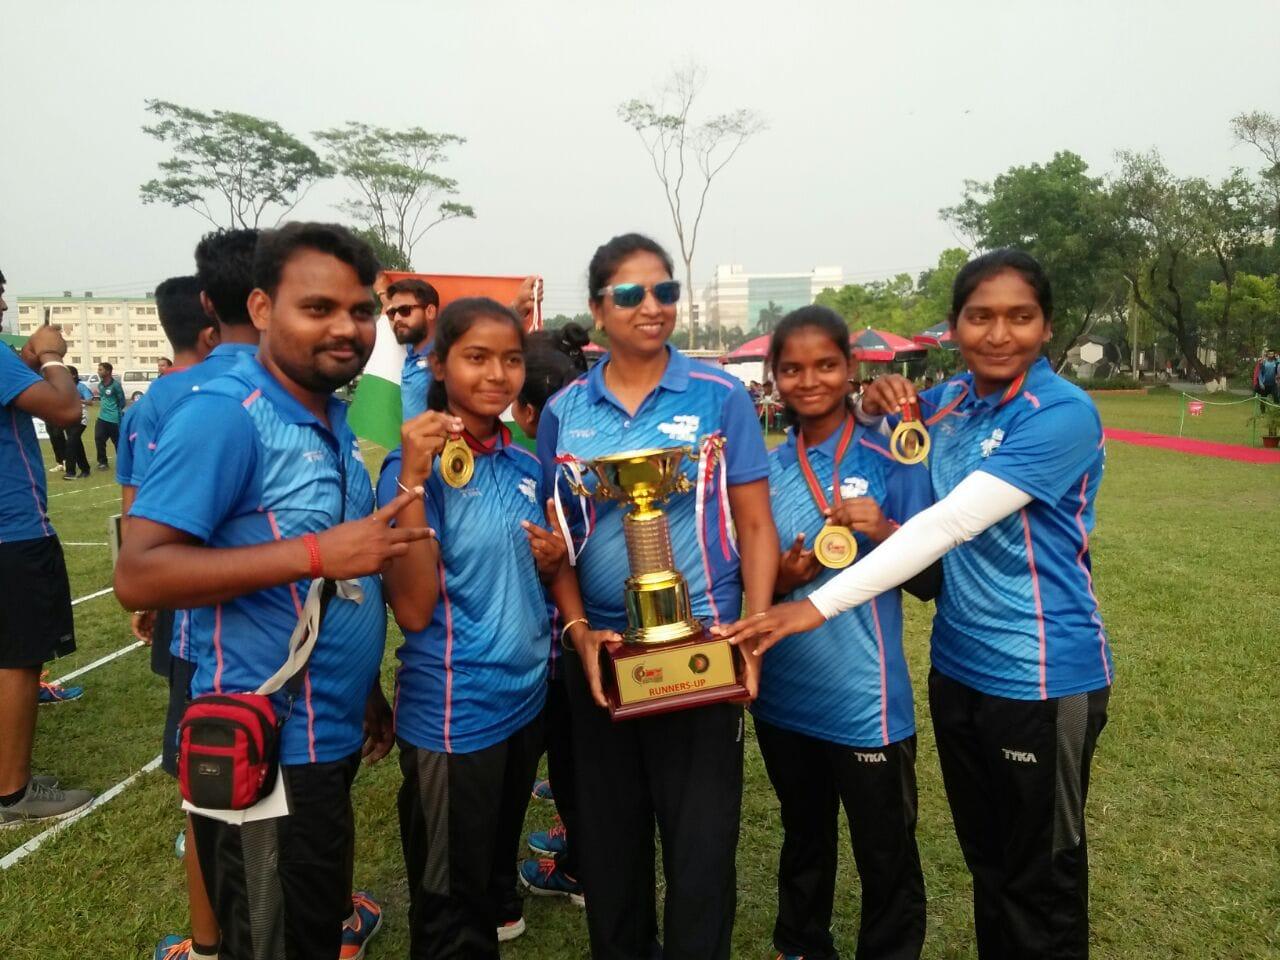 <p>भारतीय टीम ने ग्रुप कंपाउंड आर्चरी में बांग्लादेश को हराकर गोल्ड जीता I टीम में भारत की उभरती हुई सनसनी कस्तूरबा गाँधी सोनाहातू की छात्रा बबिता कुमारी और सविता कुमारी…